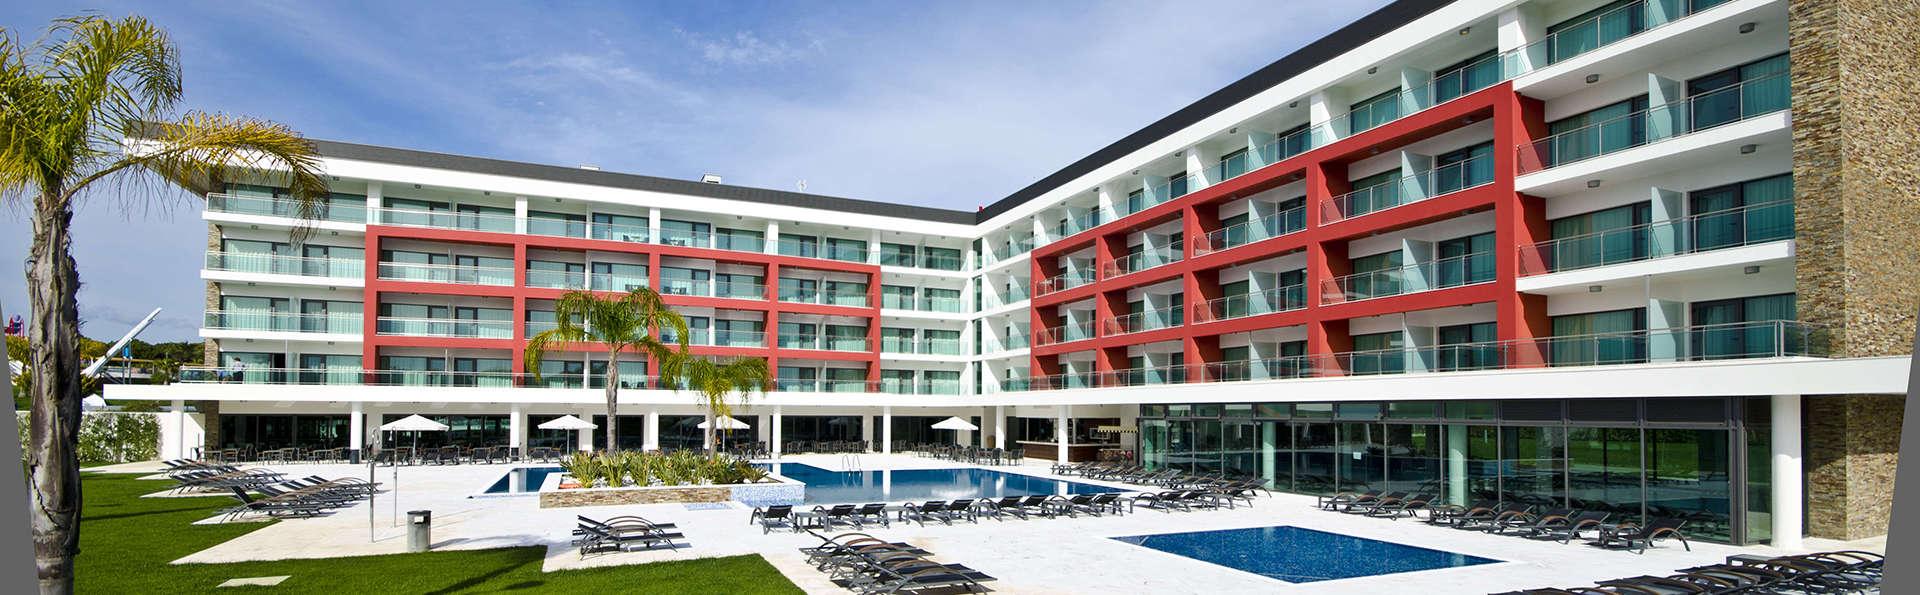 Aquashow Park Hotel - Edit_Front3.jpg